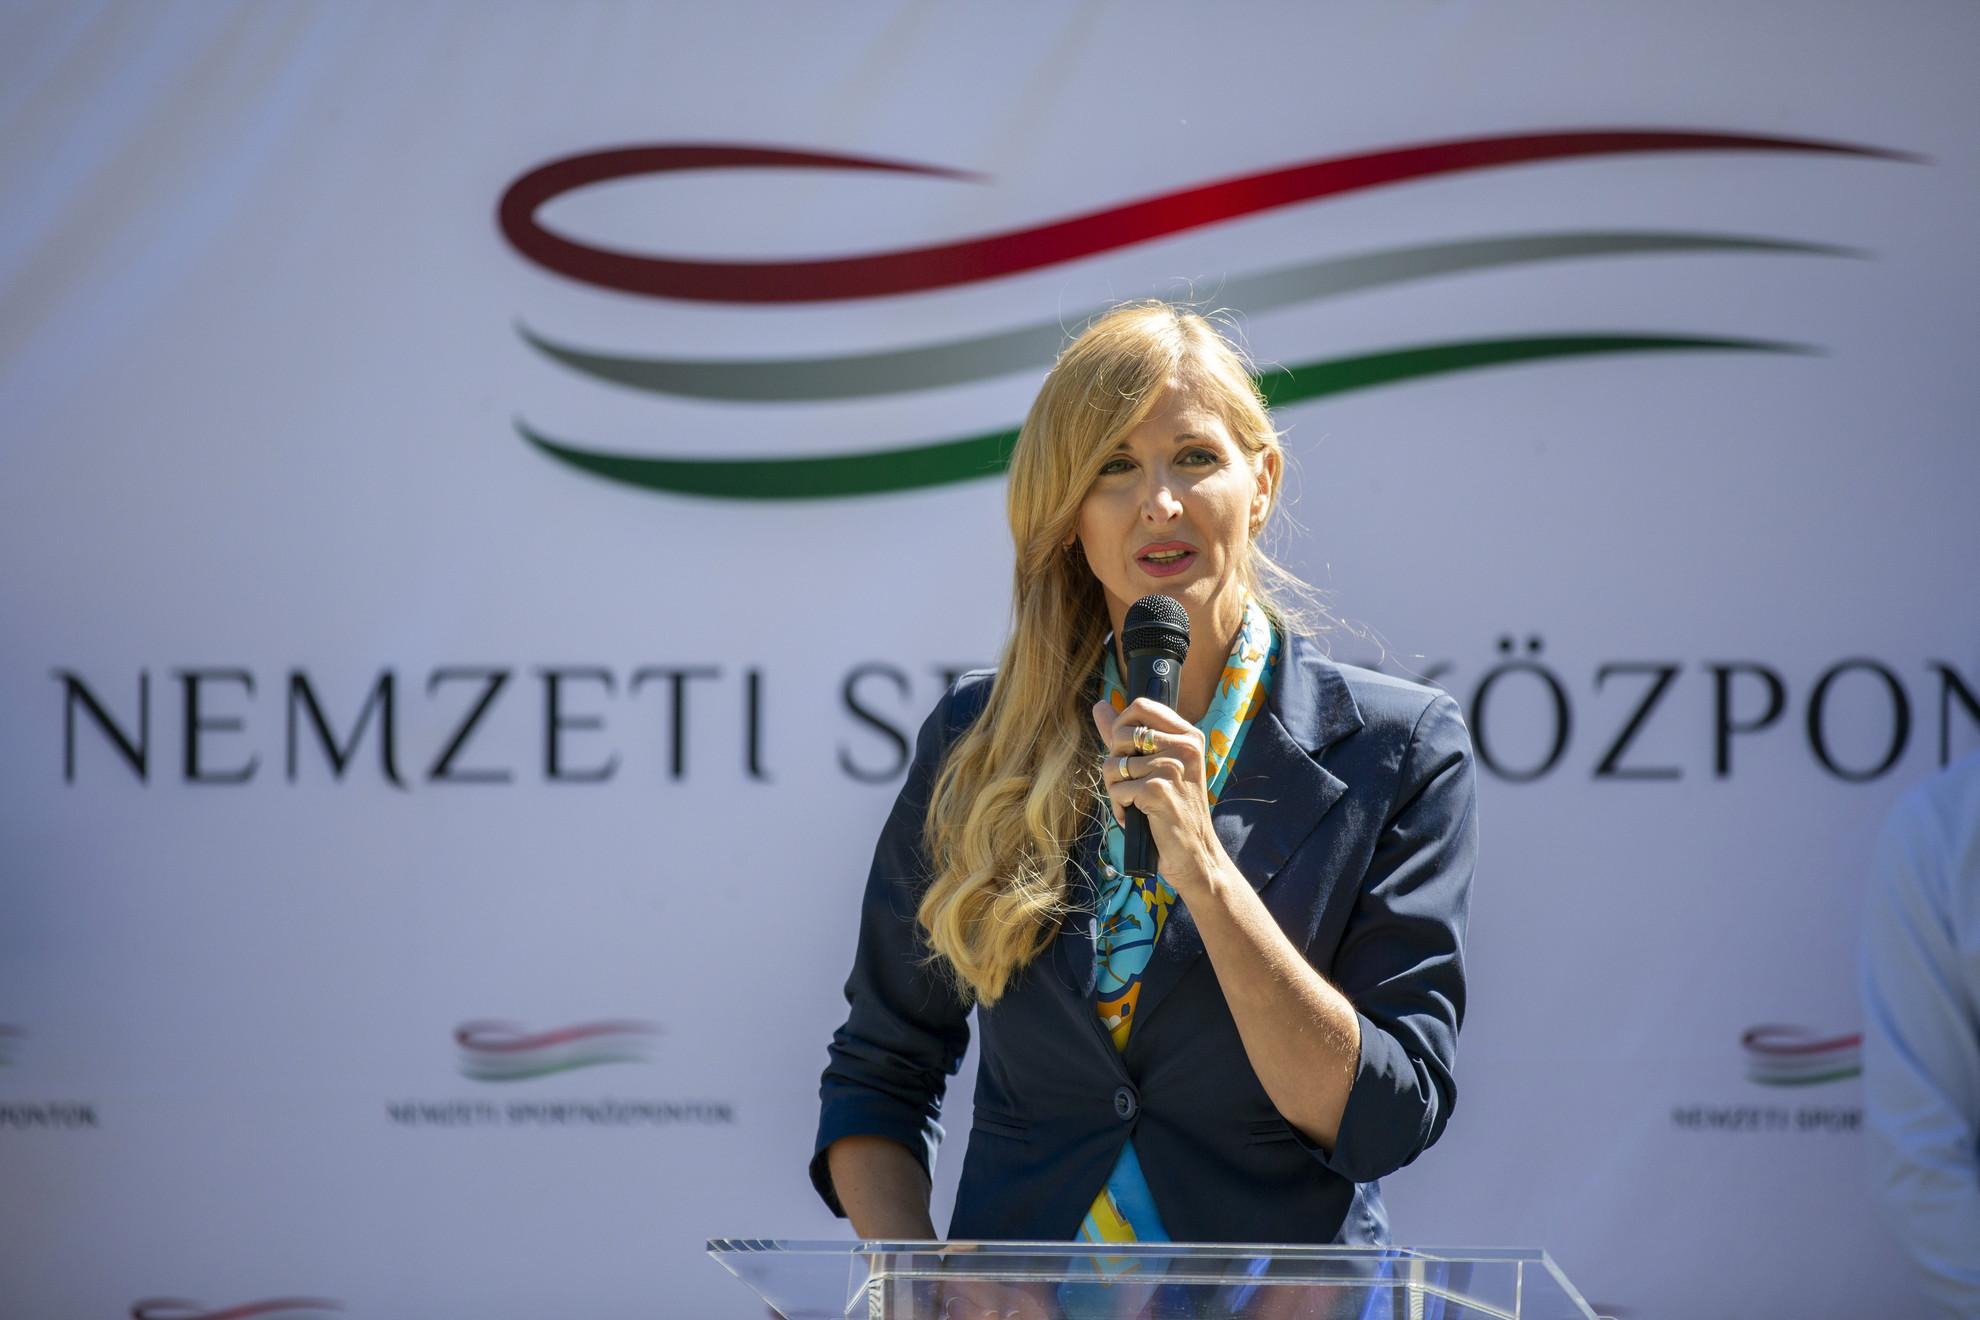 Szabó Tünde, az Emberi Erőforrások Minisztériumának sportért felelős államtitkára beszédet mond a siófoki vízitúra-megállóhely átadásán